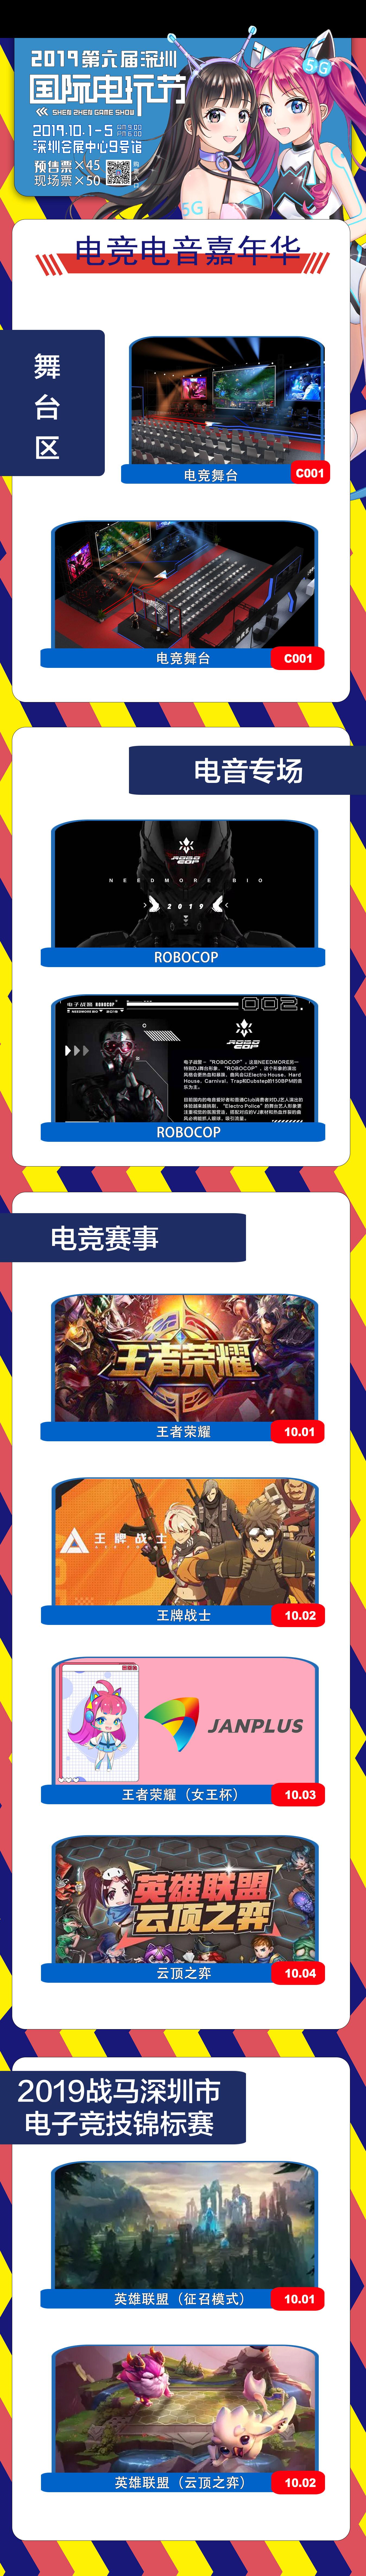 【深圳】深圳国际电玩节资讯大爆料~精彩即将呈现!-ANICOGA